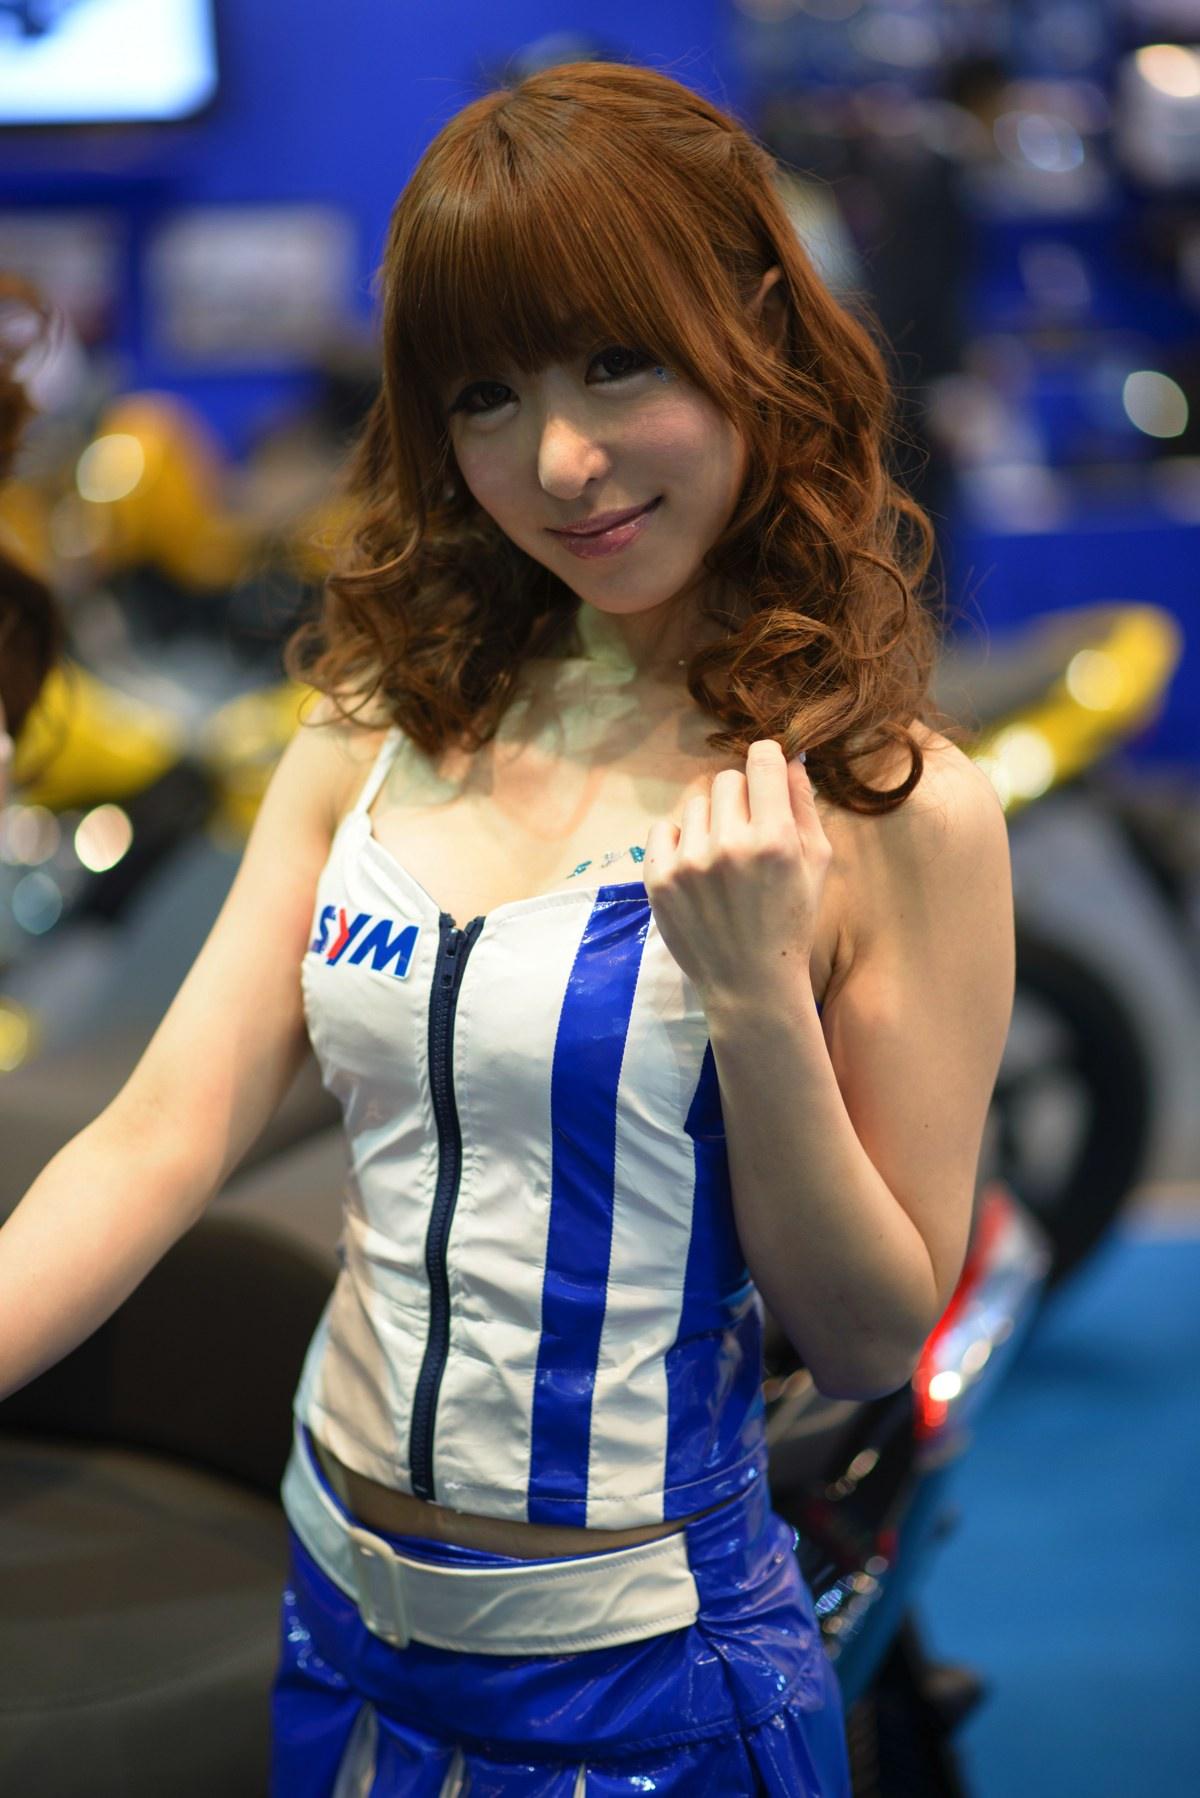 大阪モーターサイクルショー2014コンパニオン画像16